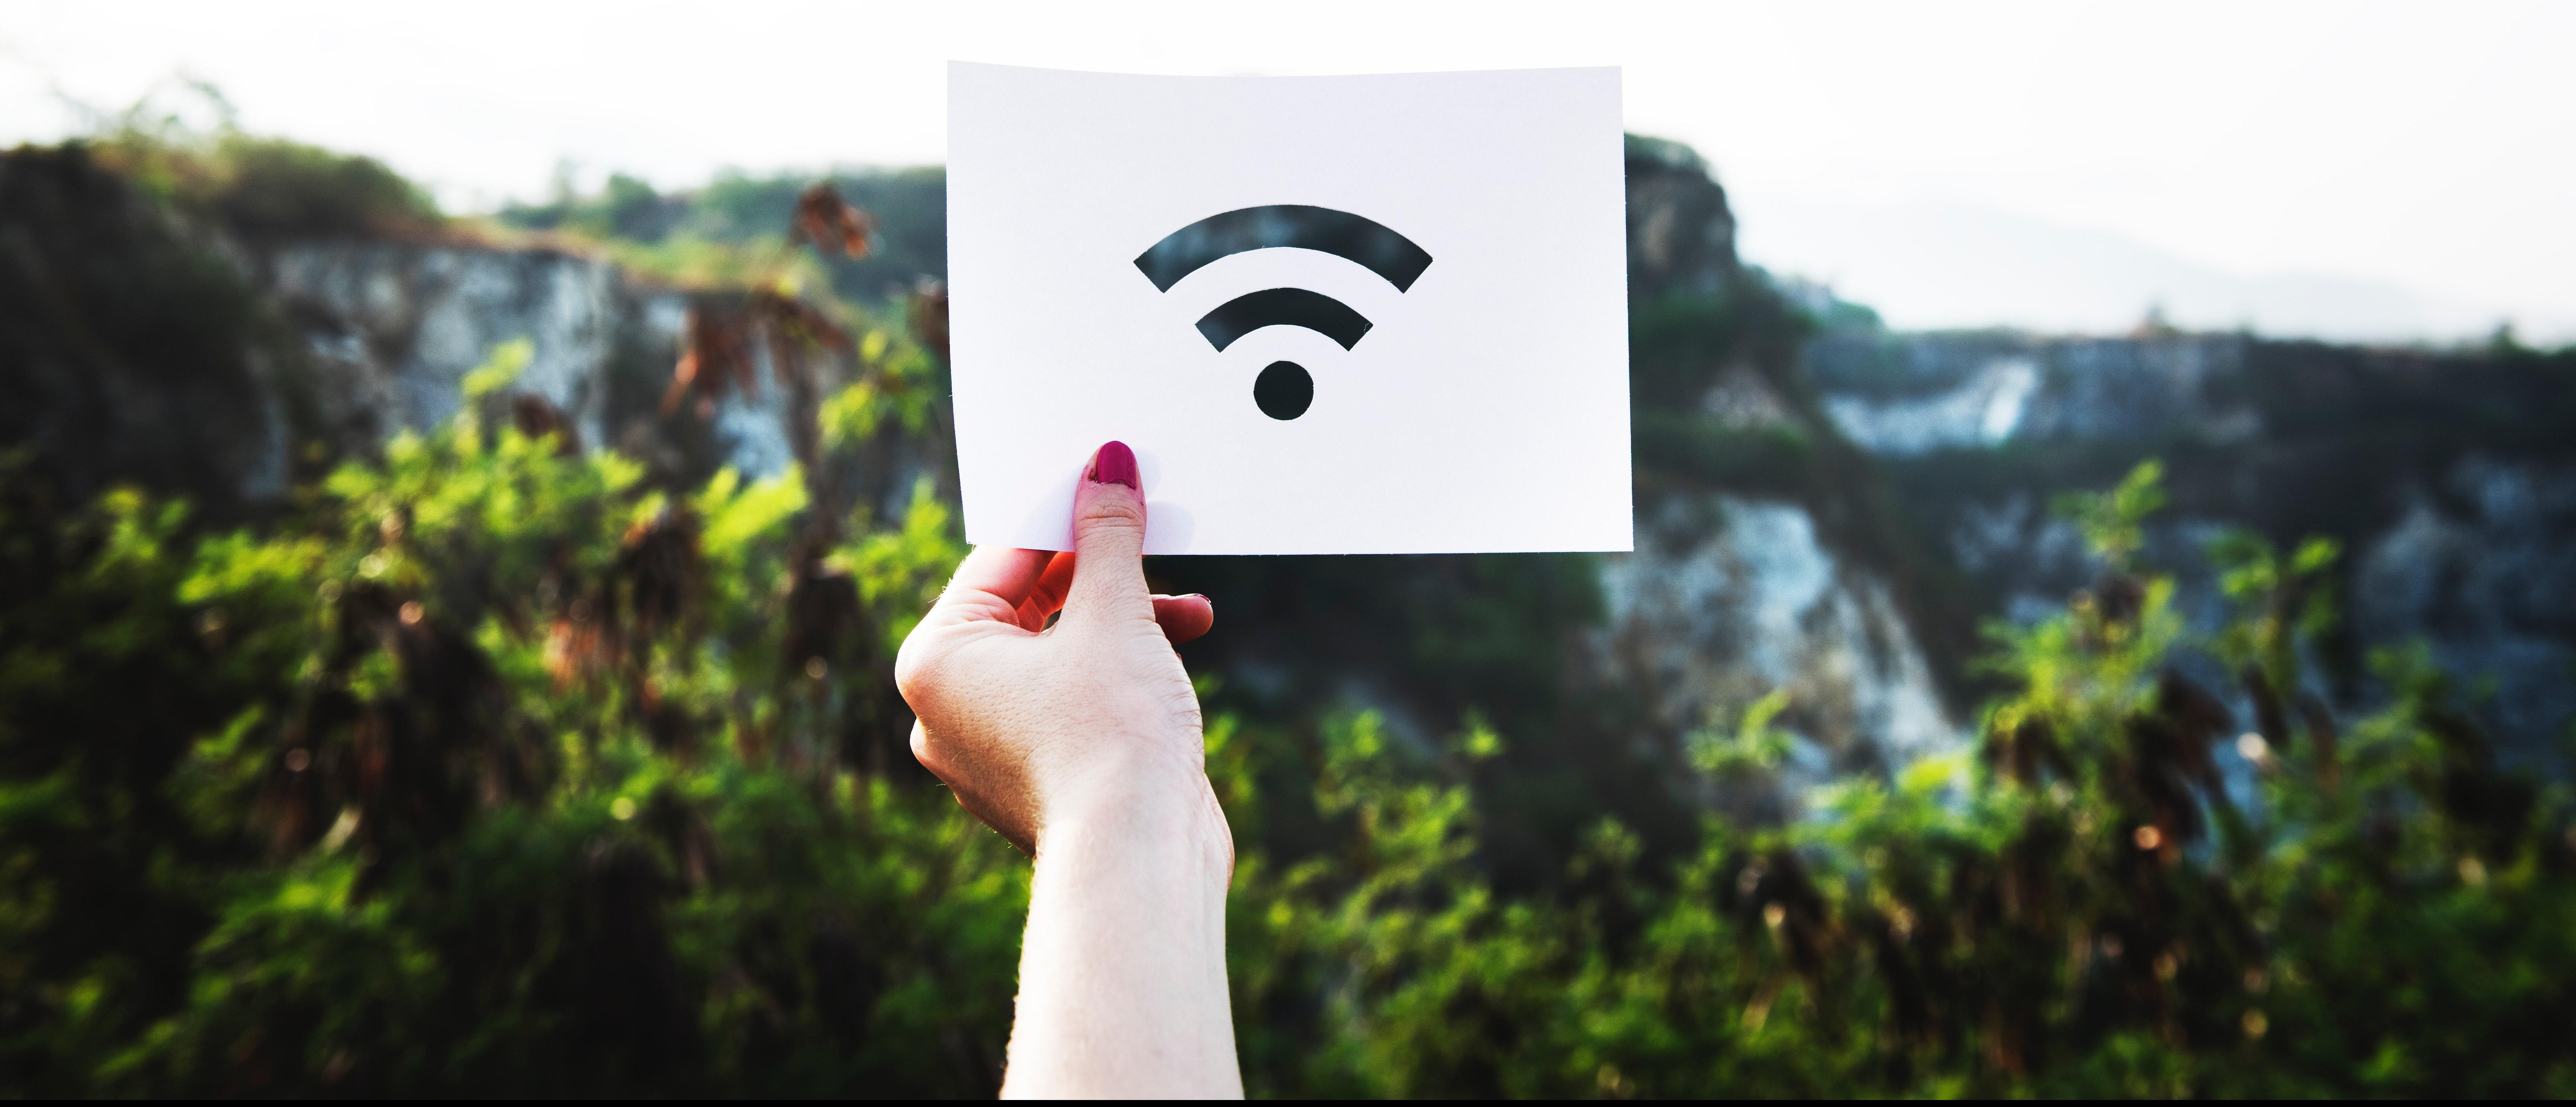 wifi-e1548150735194.jpg